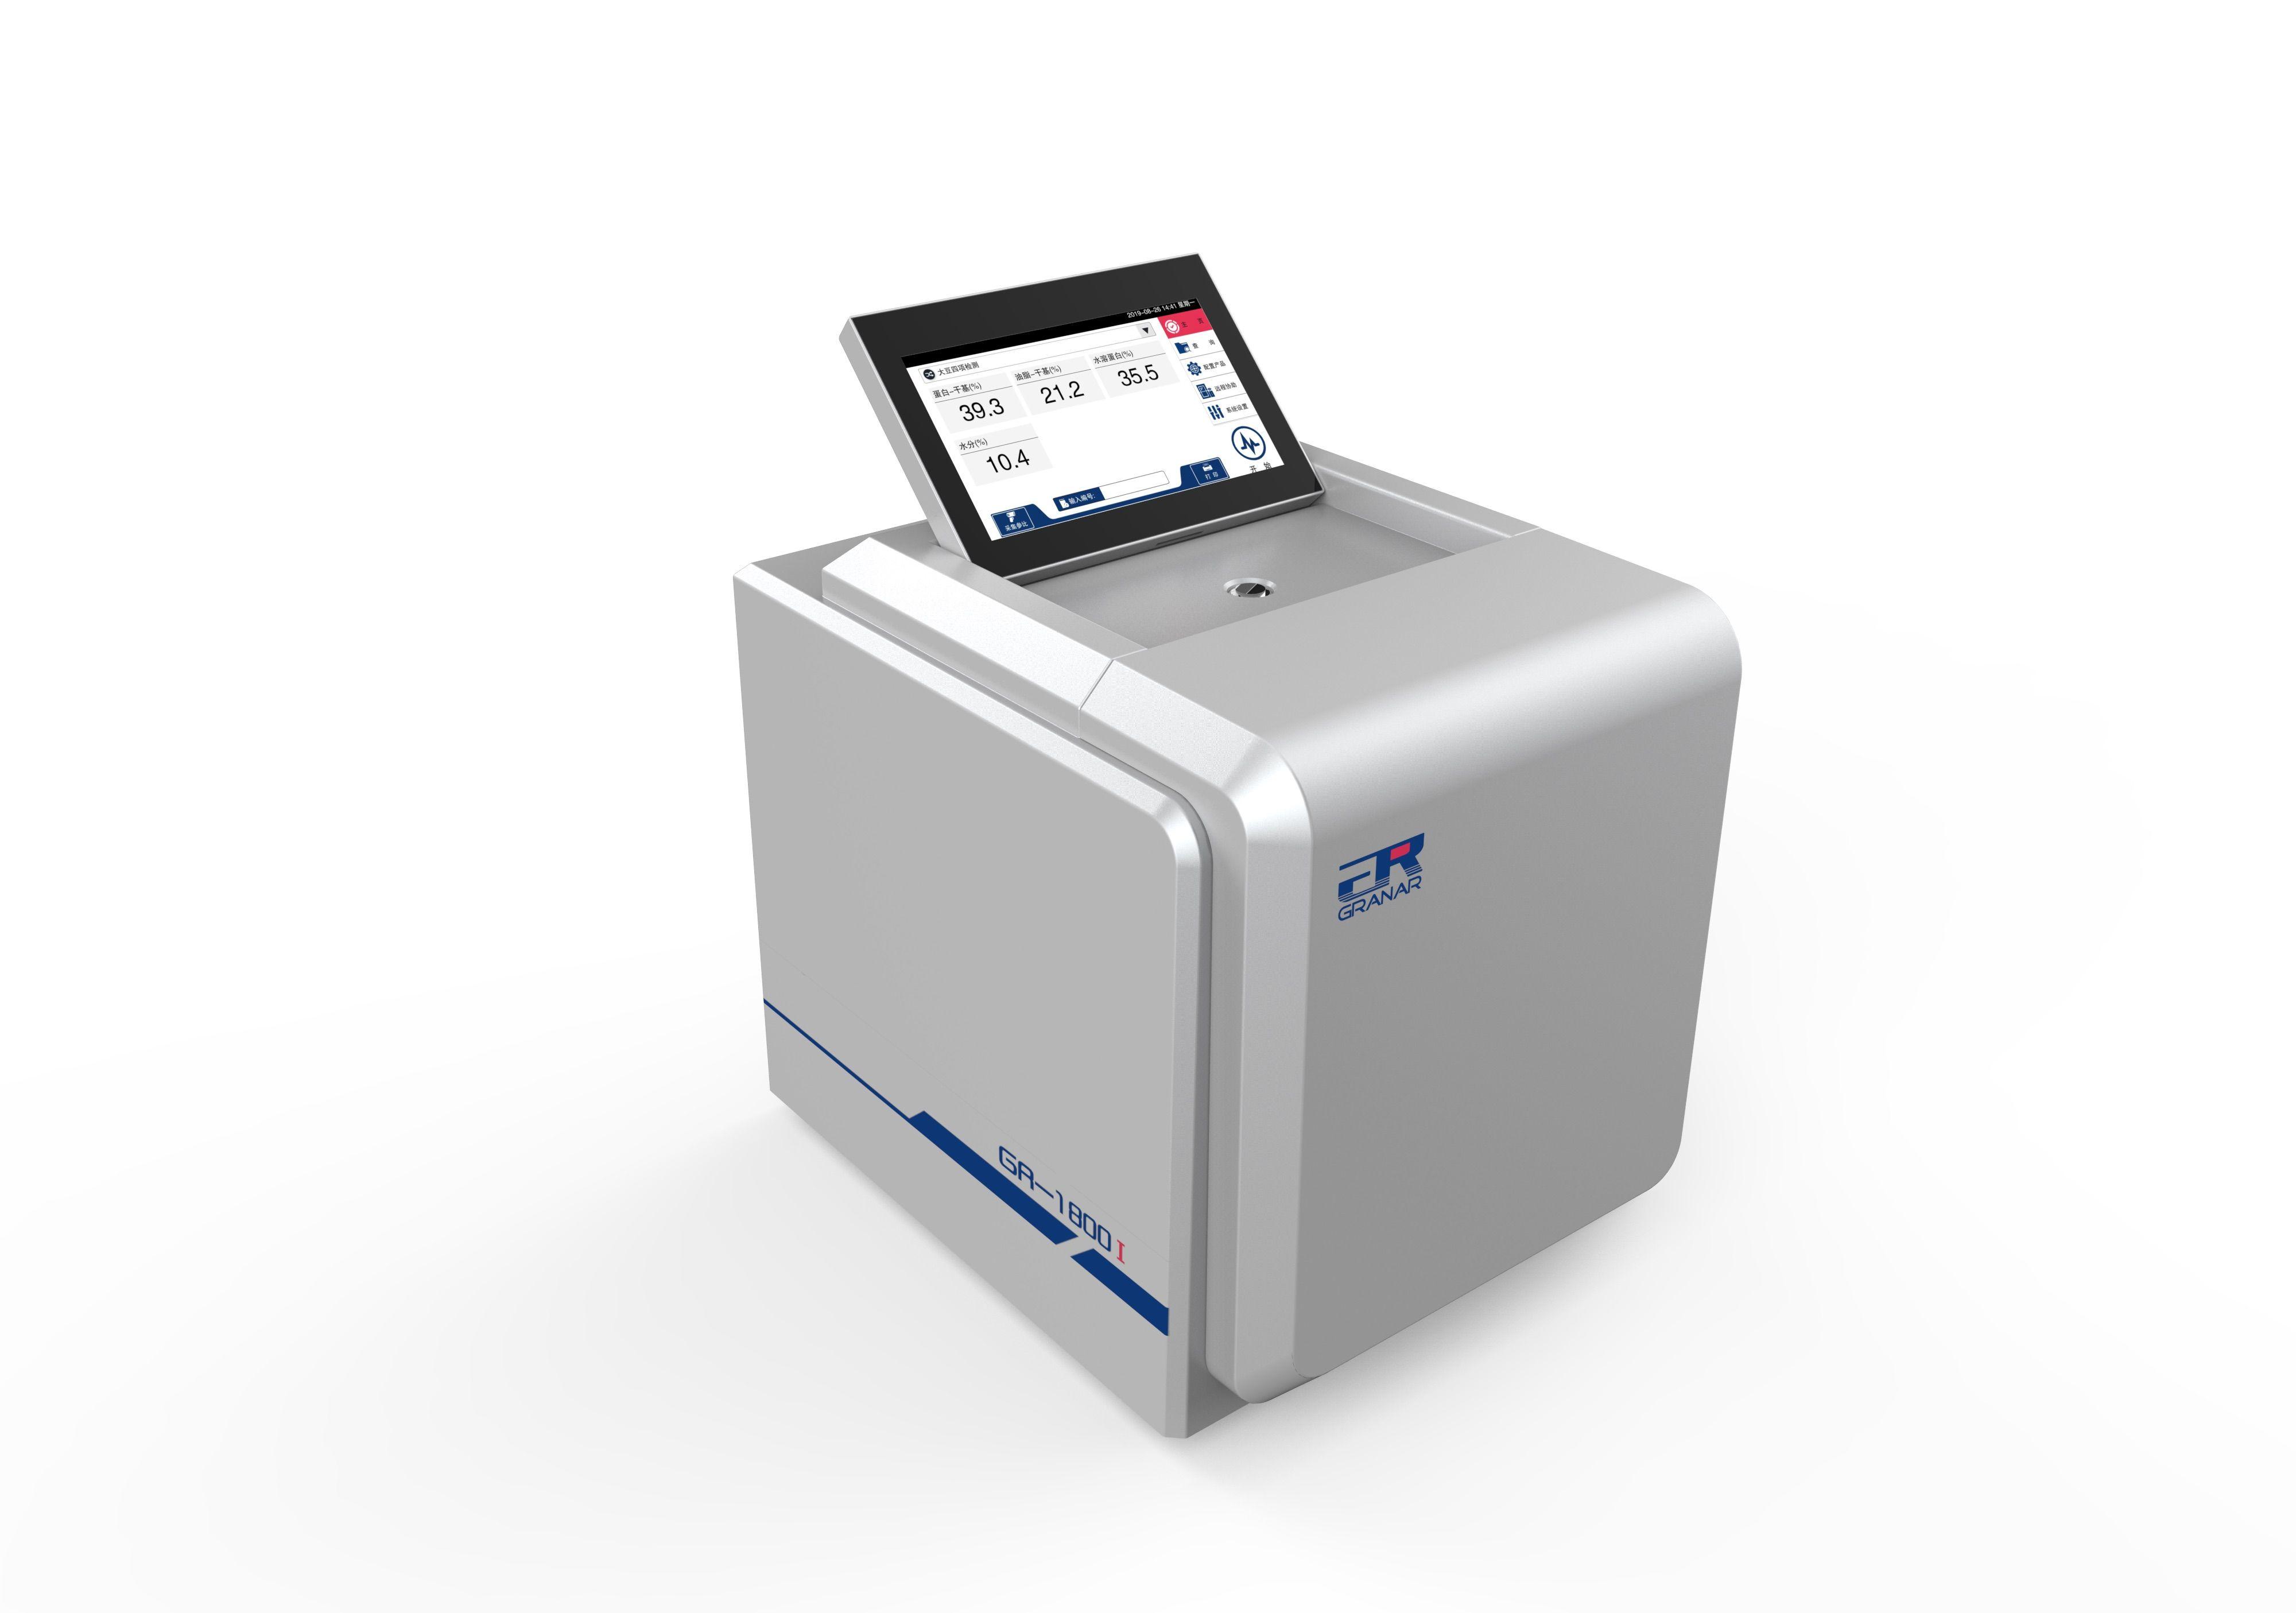 澳洲(谷揽)GR-1800谷物分析仪